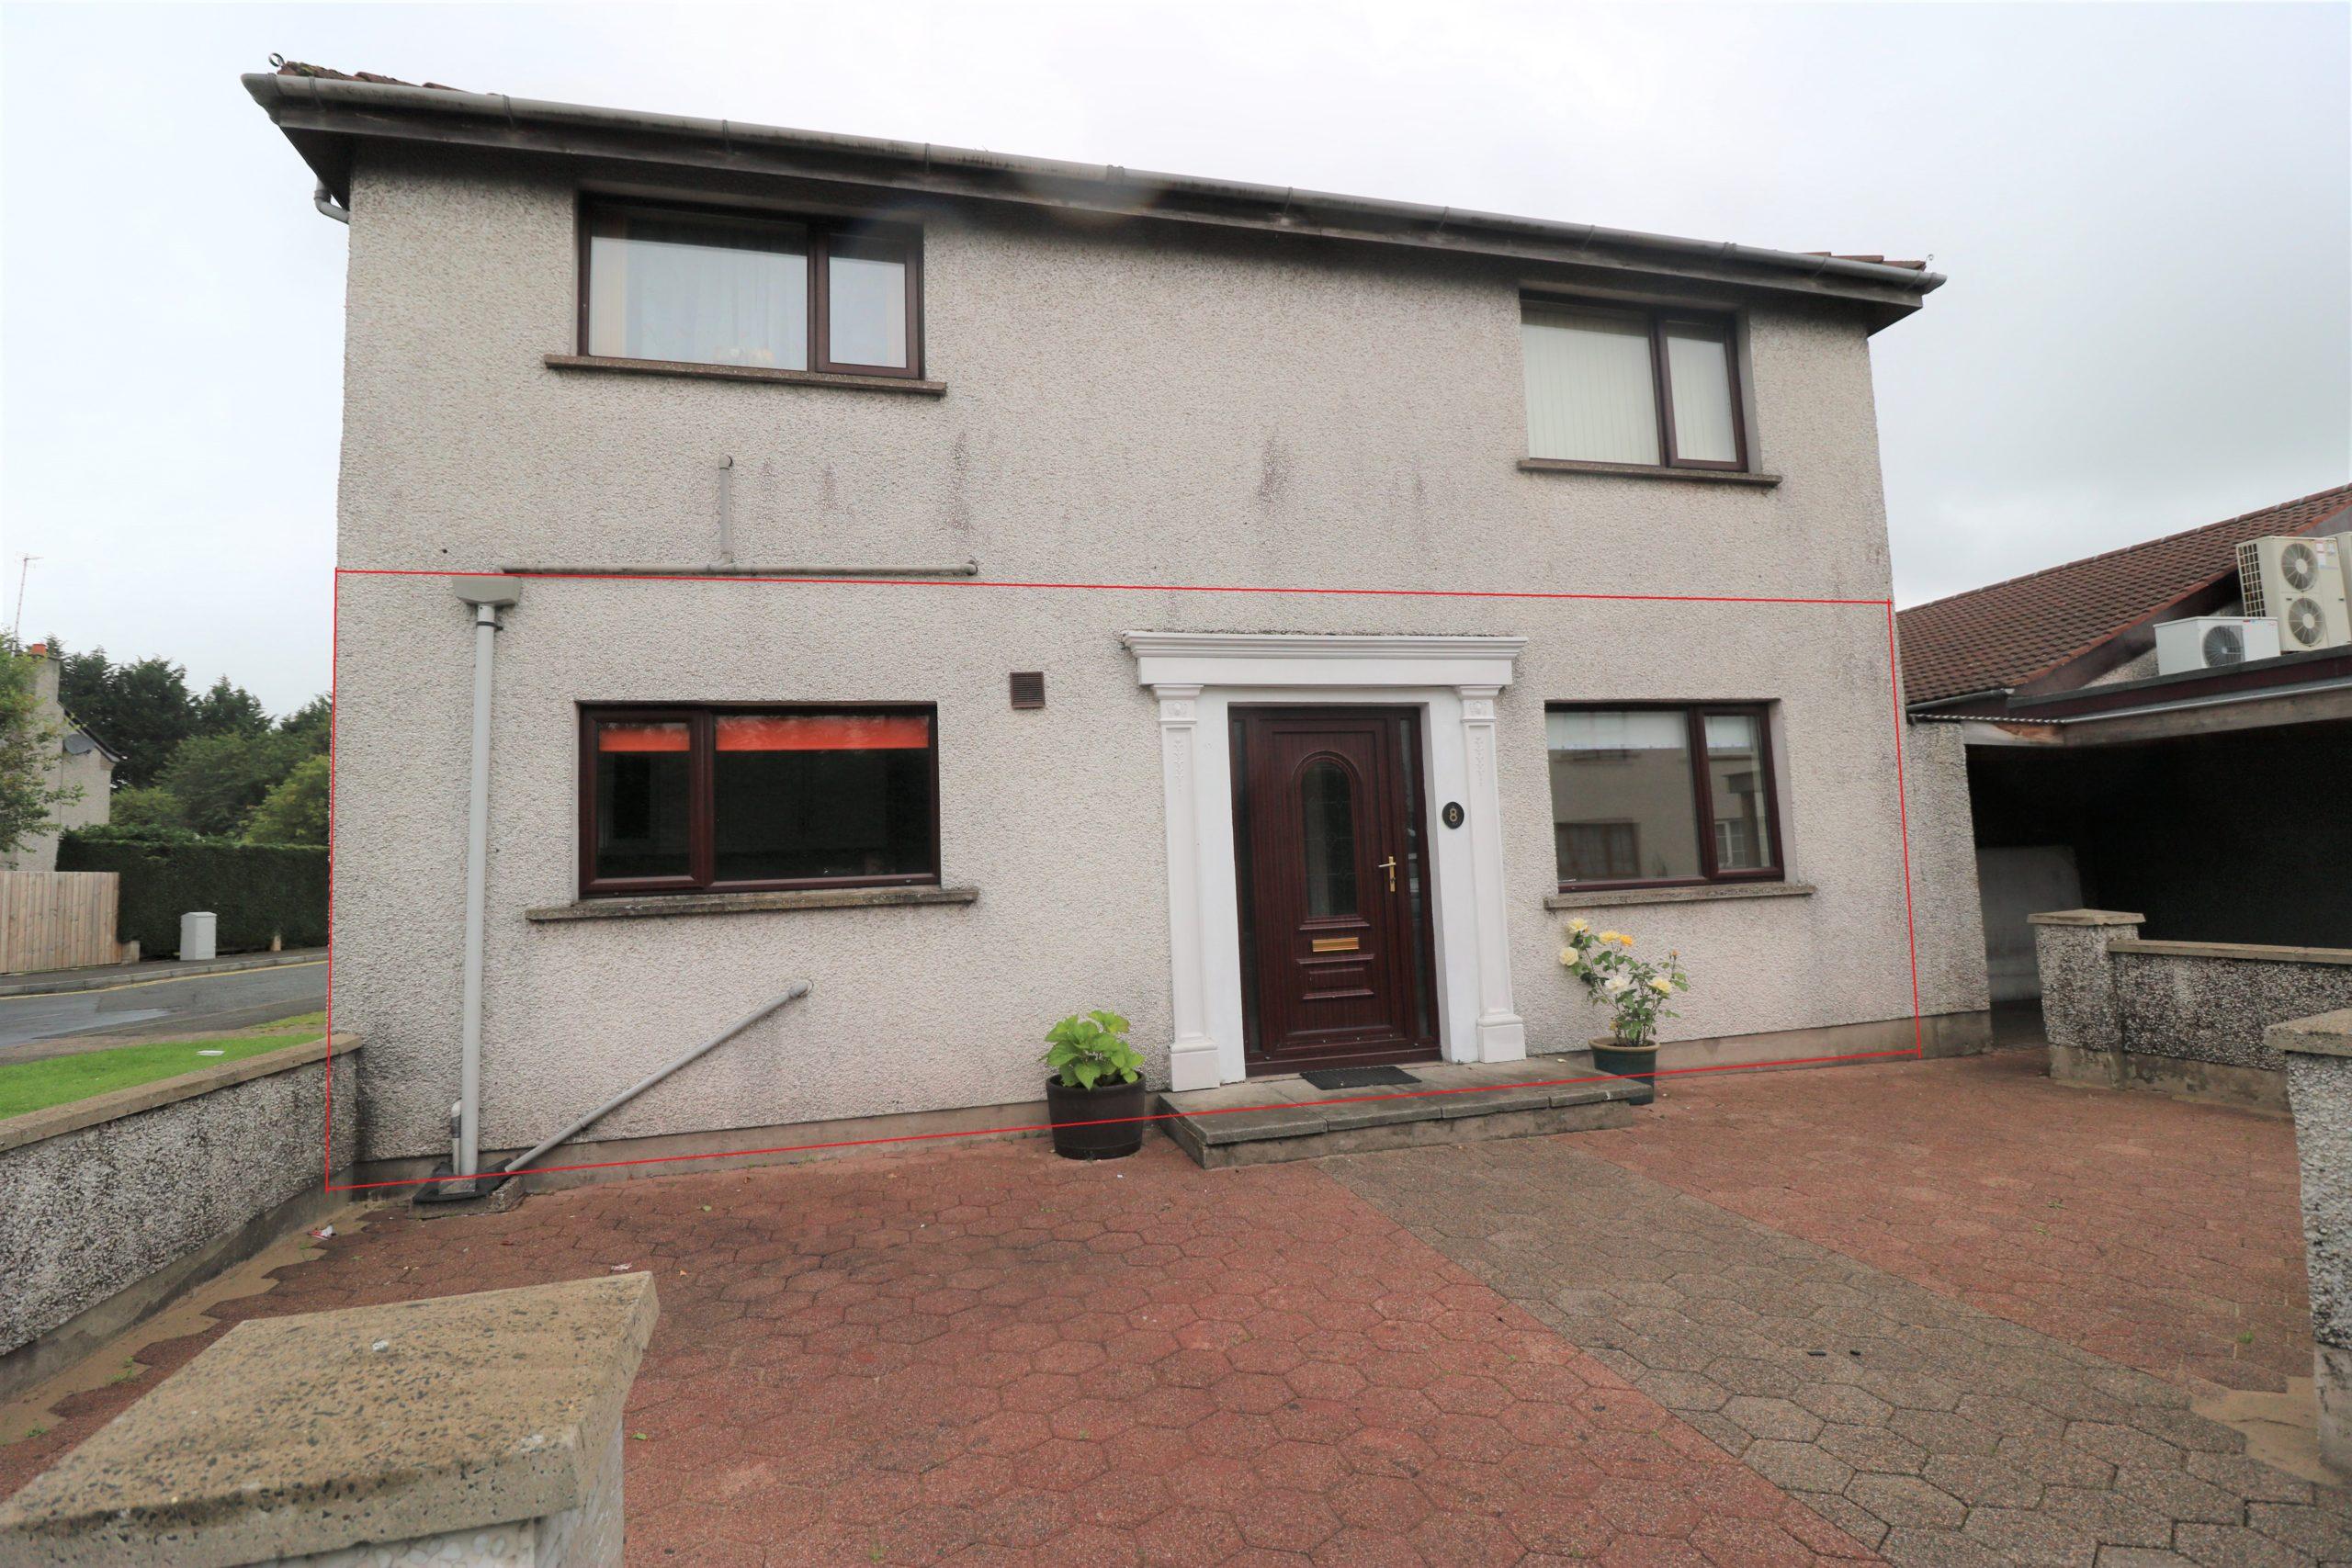 Image of 8 Ashdale, Frys Road, Ballymena, BT43 7AL